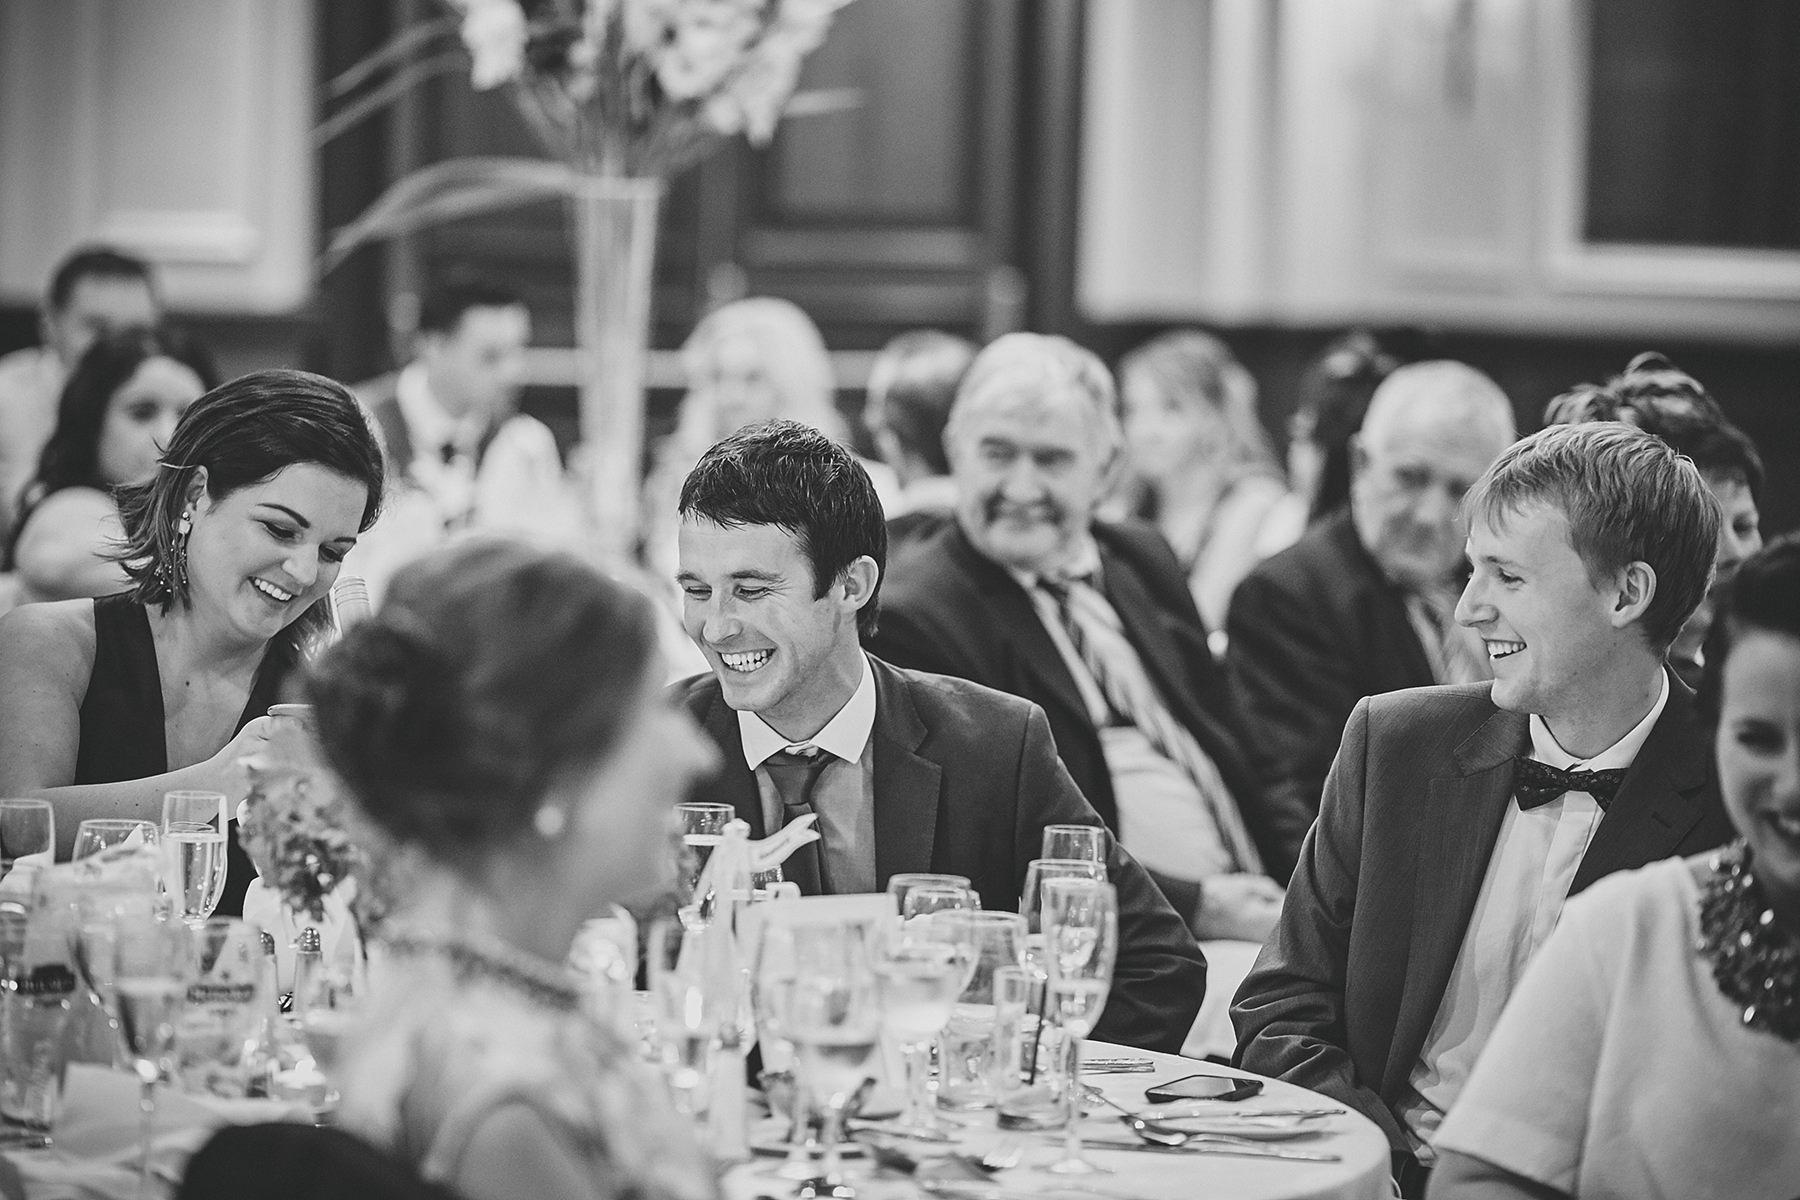 Keadeen Hotel Wedding Newbridge | Tara & Gearoid 69